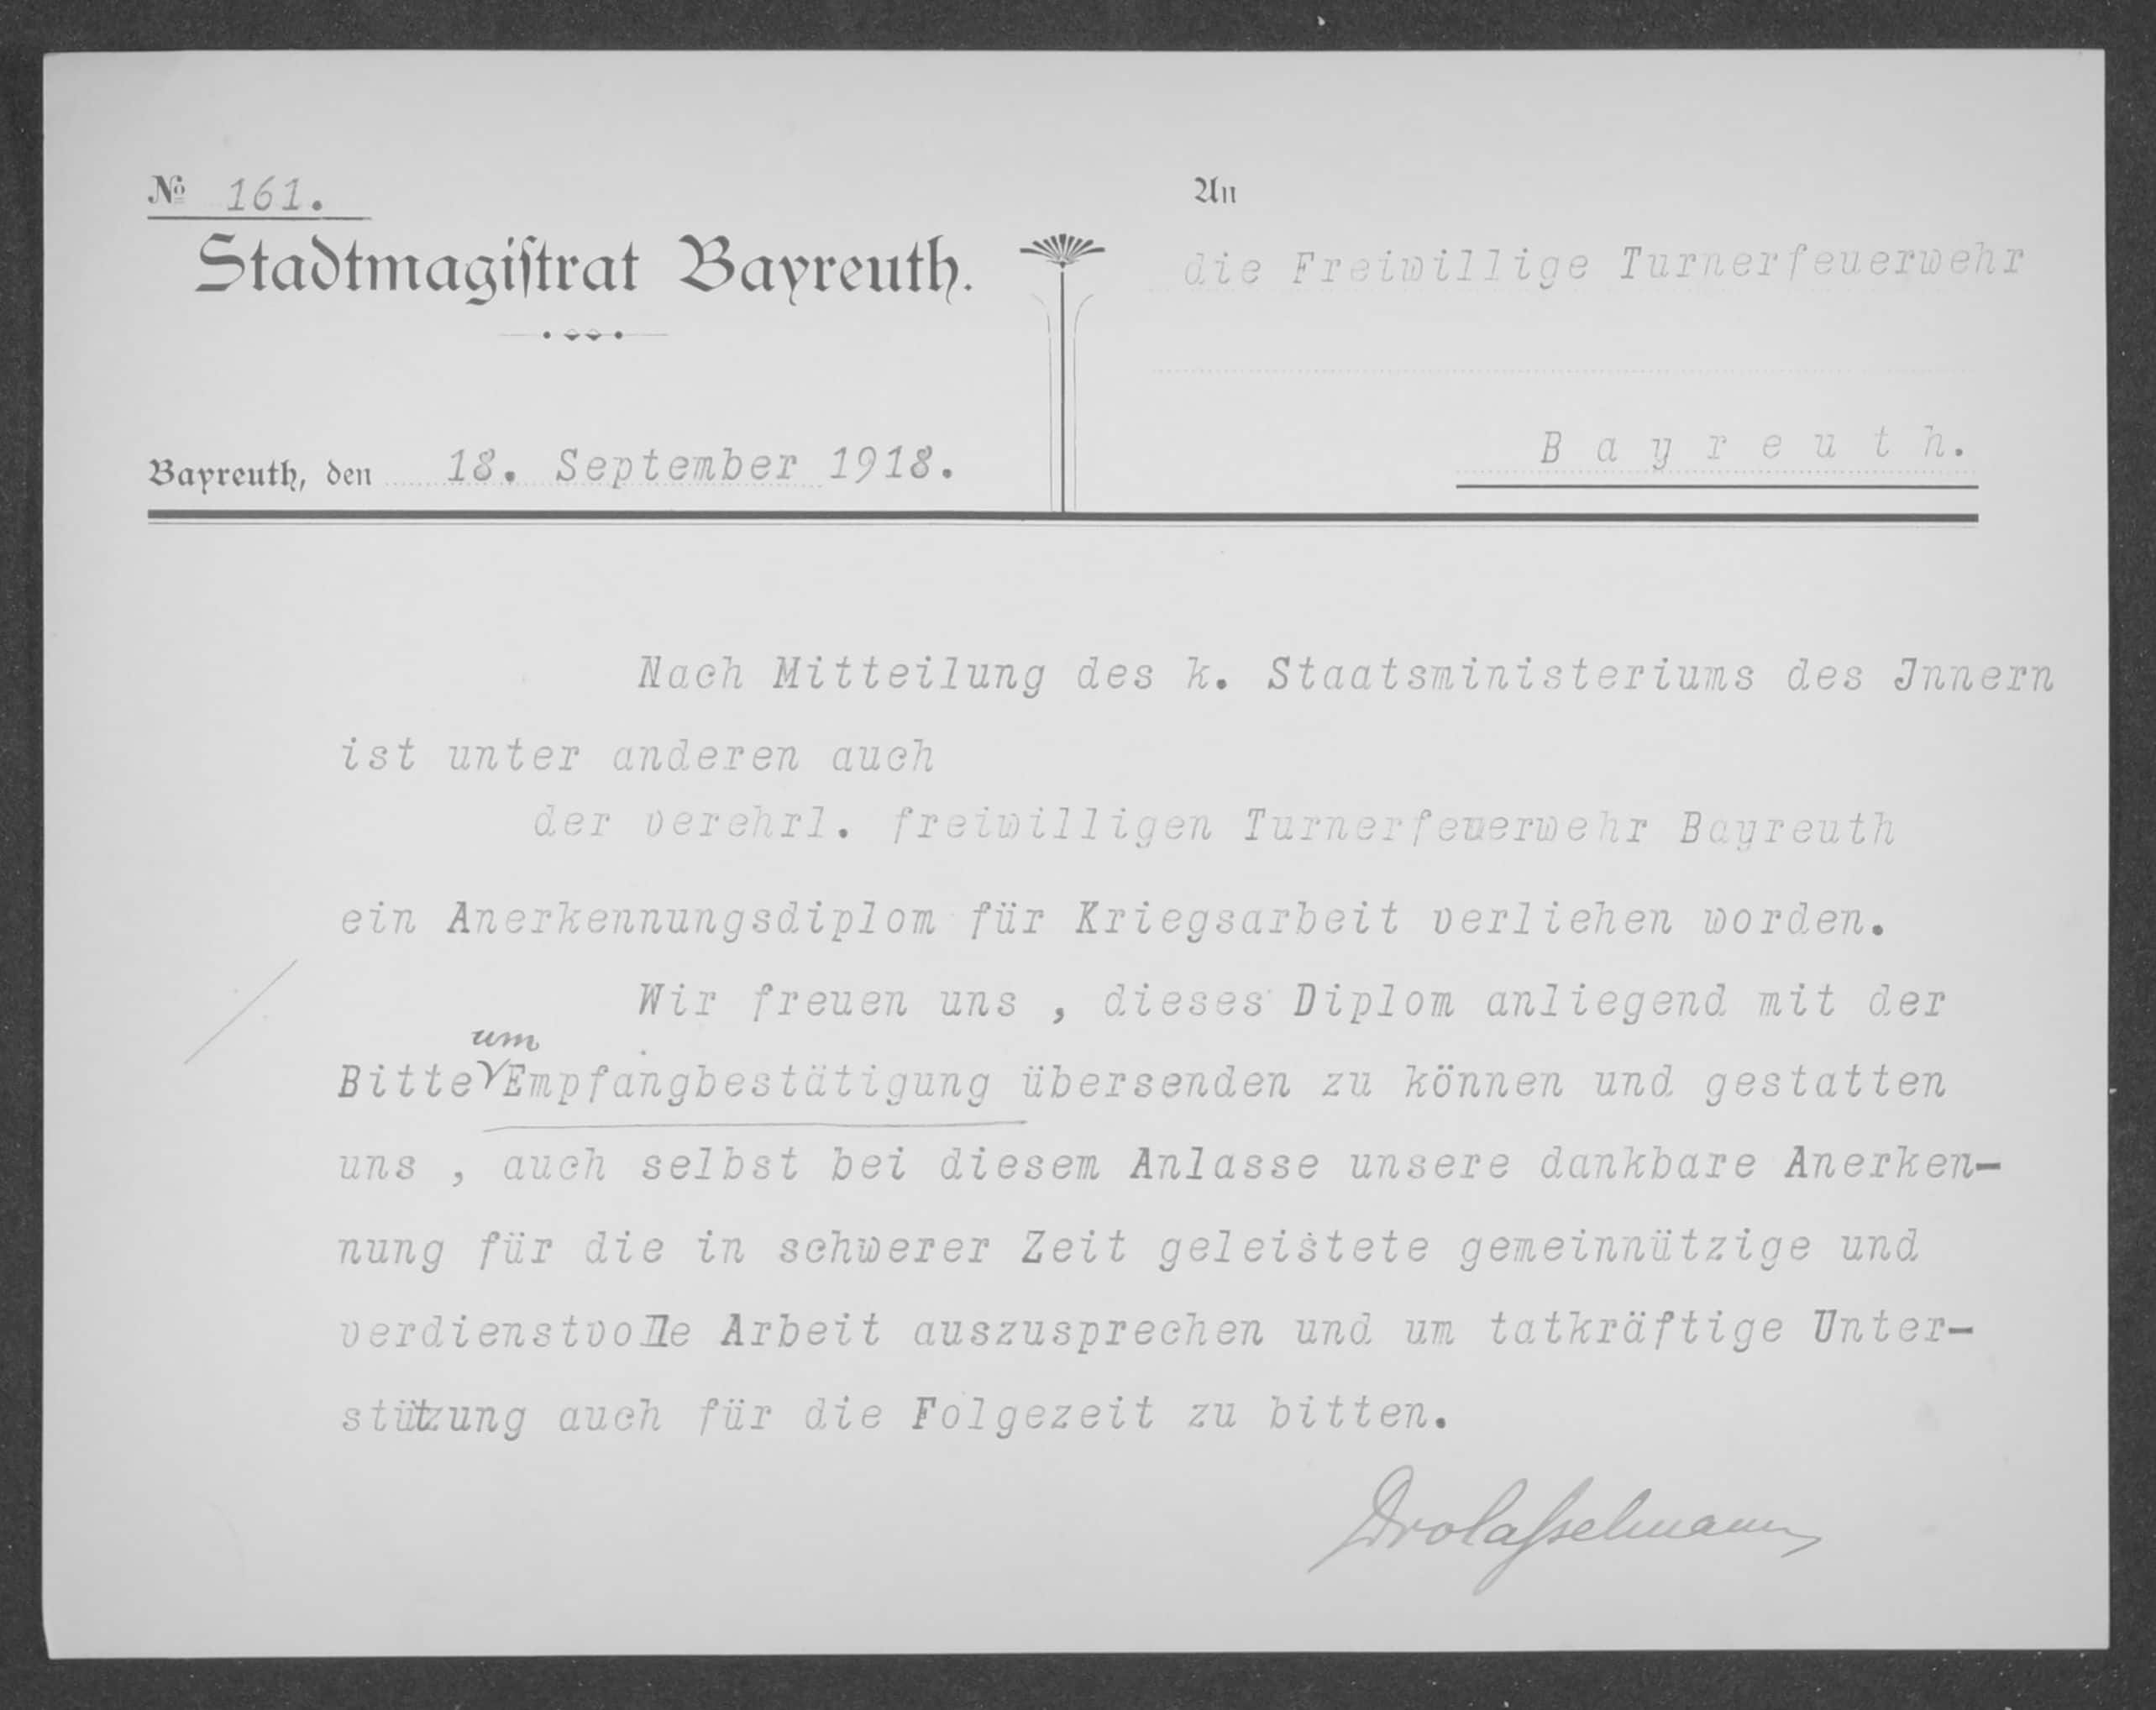 tadtABT-Feuerwehr-Nr.-144-Kriegsmaßnahmen-Mannschaft-und-Ausbildung-hier-Schreiben-des-Stadtmagistrats-Bayreuth-vom-18.-September-1918